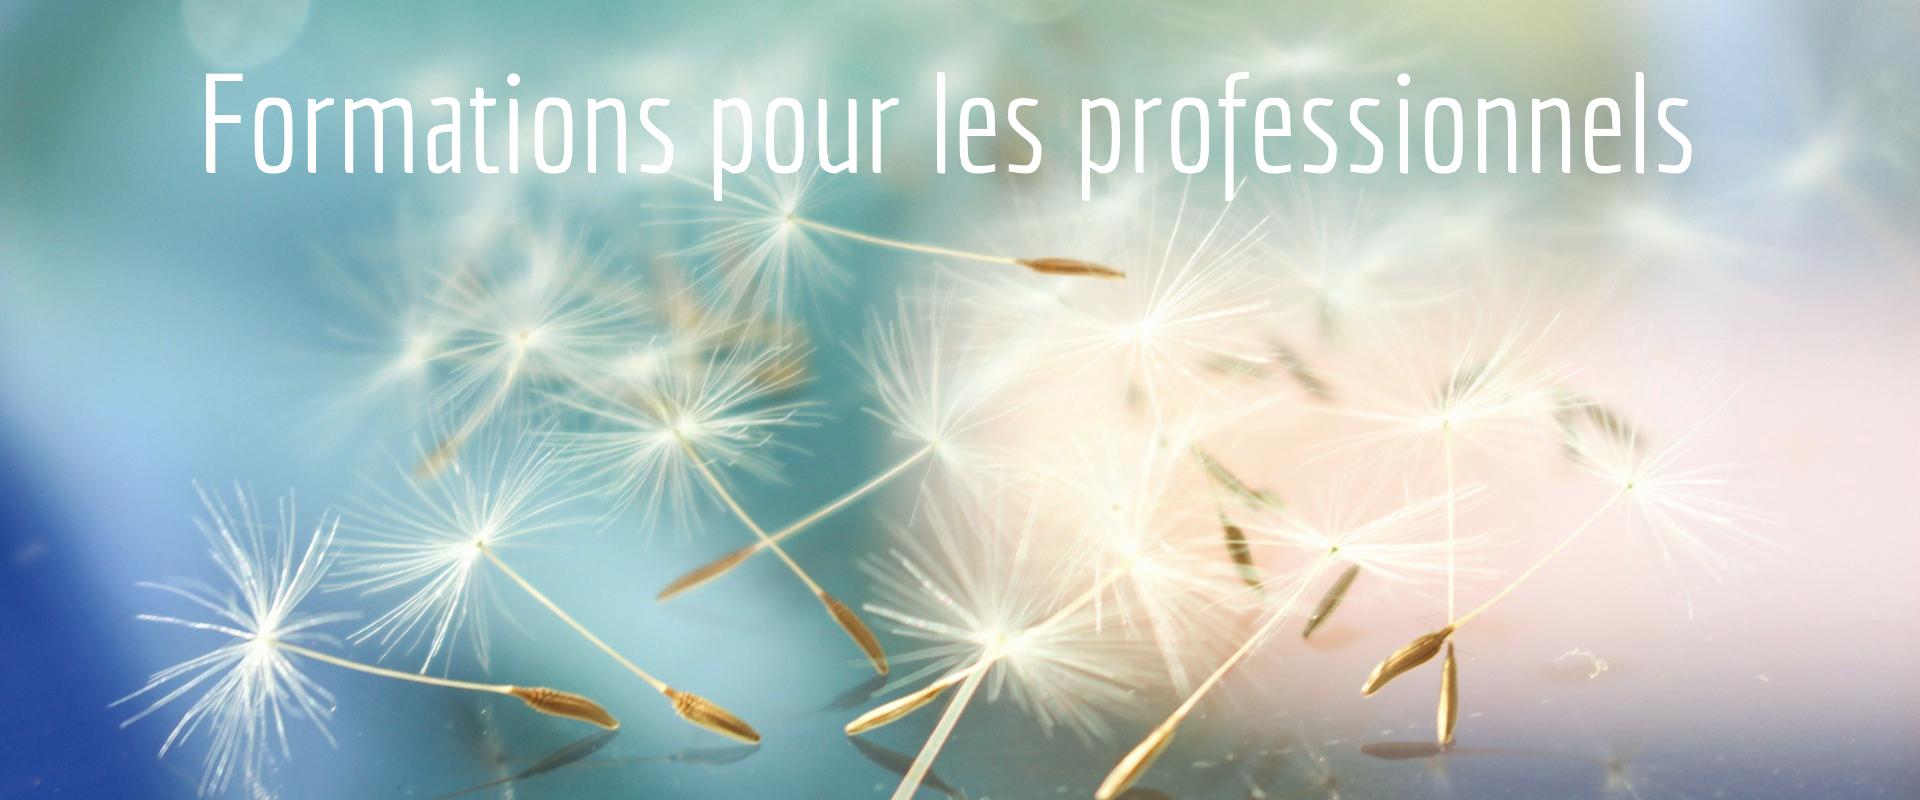 https://www.alimentation-integrative.fr/wp-content/uploads/2019/07/Formation-slider.png